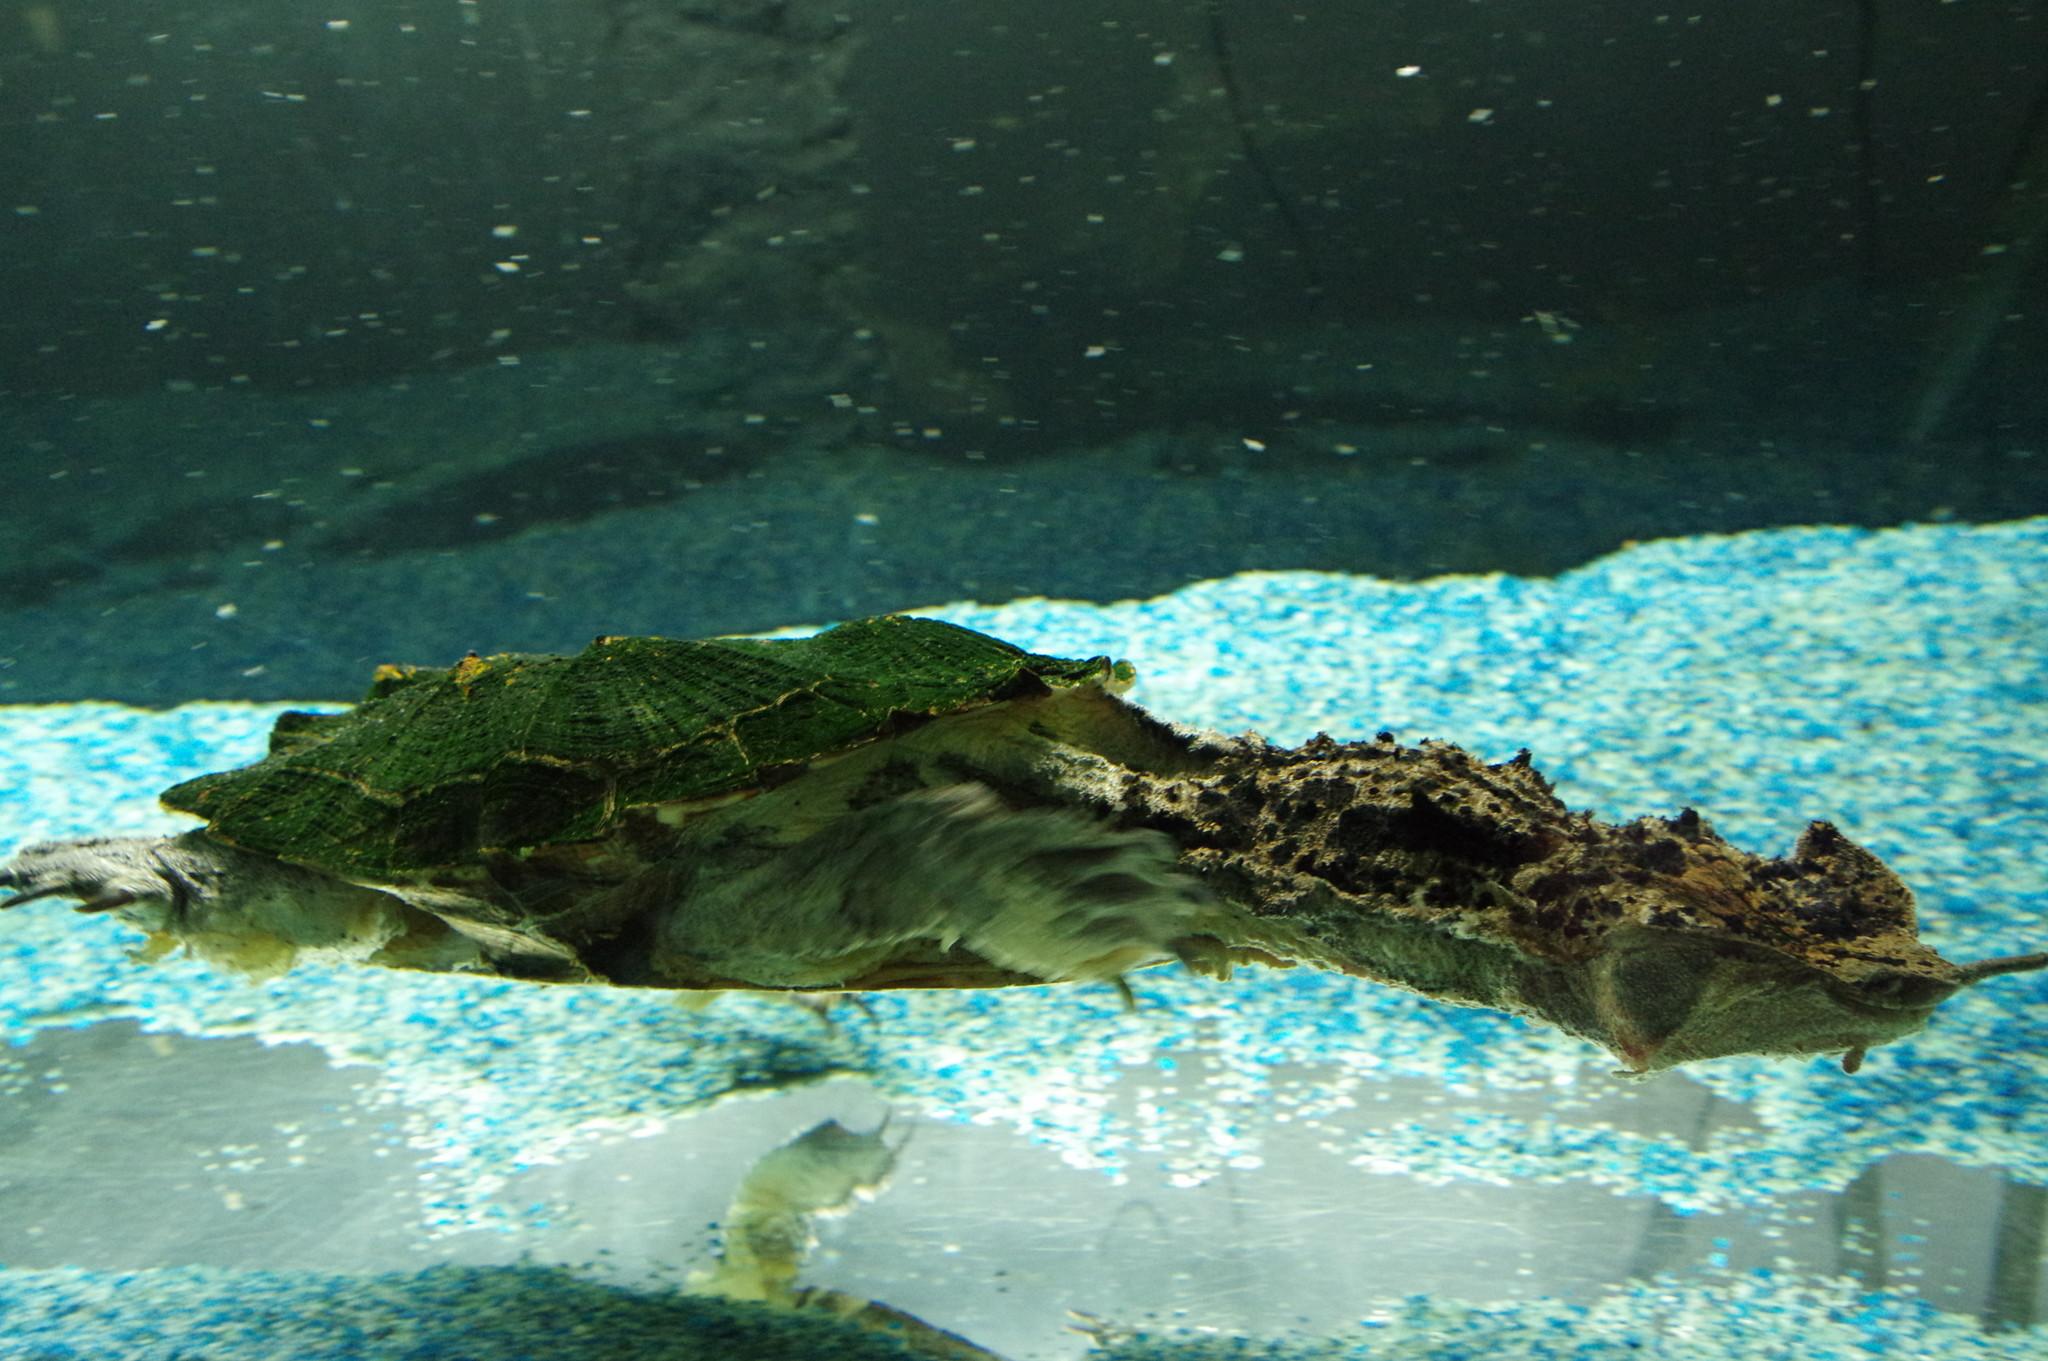 Бахромчатая черепаха, или мата-мата, или матамата - южноамериканская пресноводная черепаха из семейства змеиношеих, выделяемая в монотипный род Chelus. Обладает крайне причудливой и своеобразной внешностью